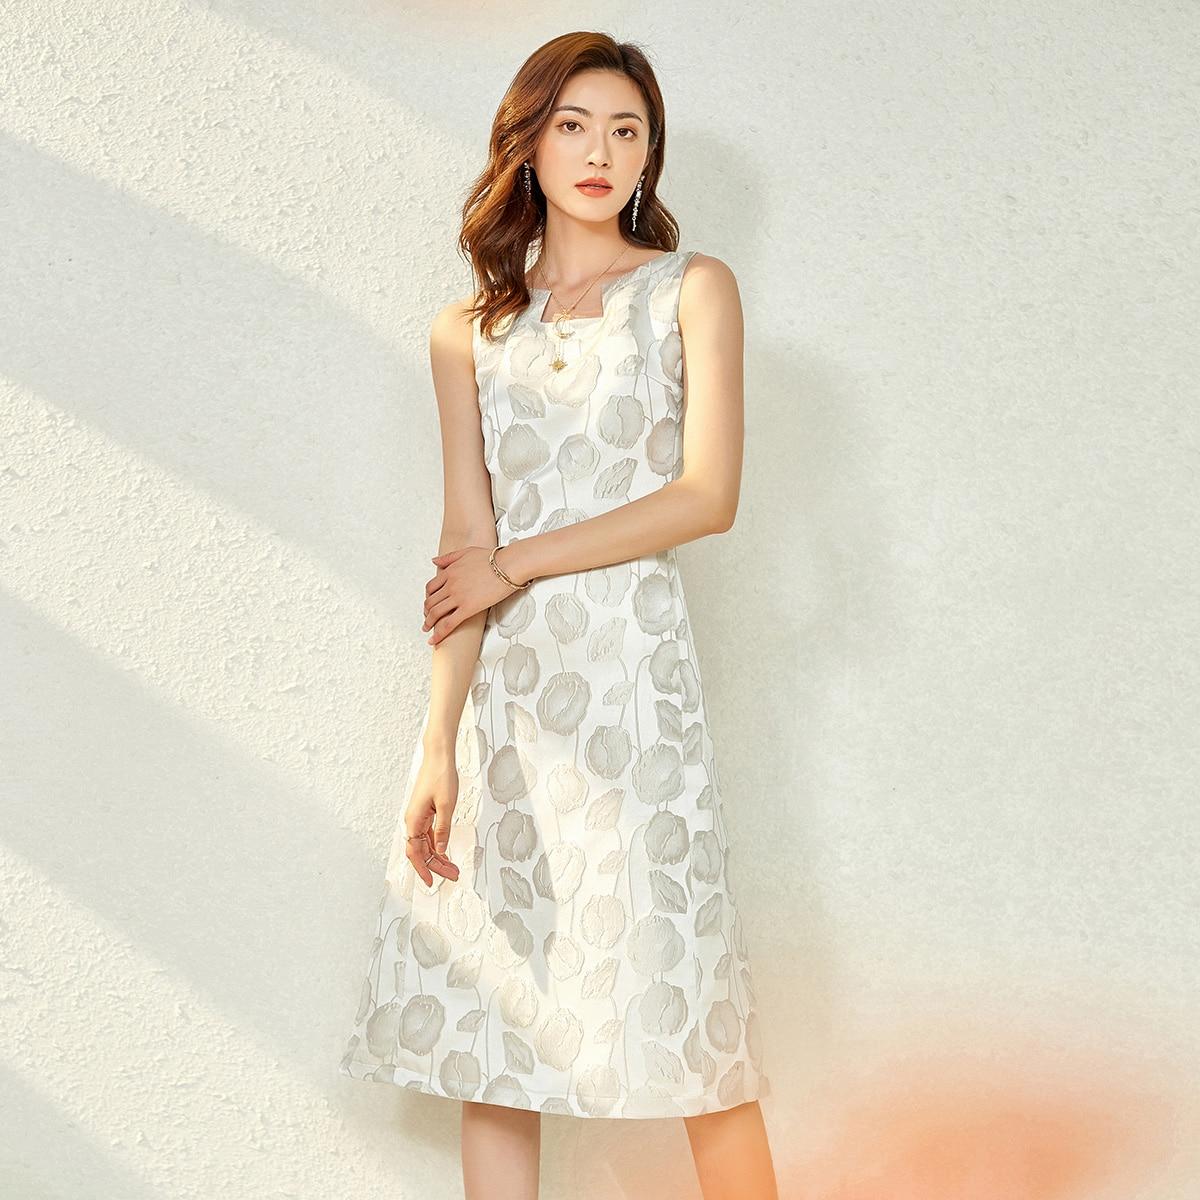 2021 فستان مستقيم صيفي فساتين مكتب سيدة من الجاكارد بدون أكمام للحفلات المسائية ملابس نسائية زهري